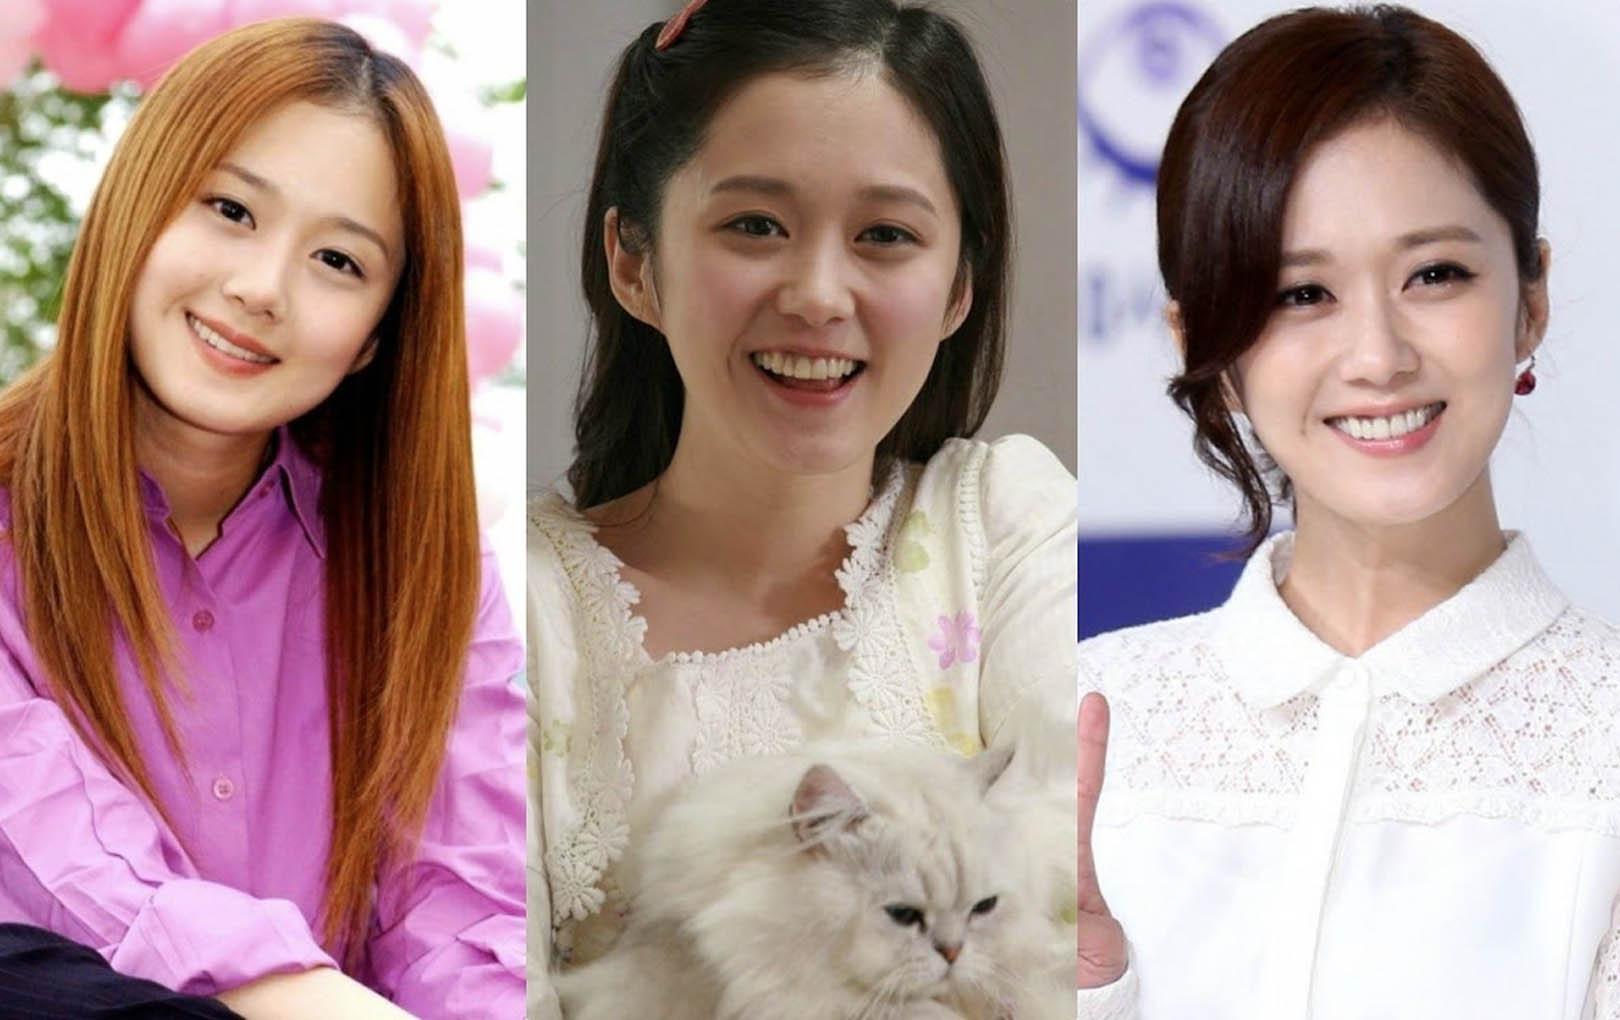 Nhan sắc như gái đôi mươi của Jang Nara suốt 18 năm qua không thay đổi khiến ai cũng gọi là ma cà rồng